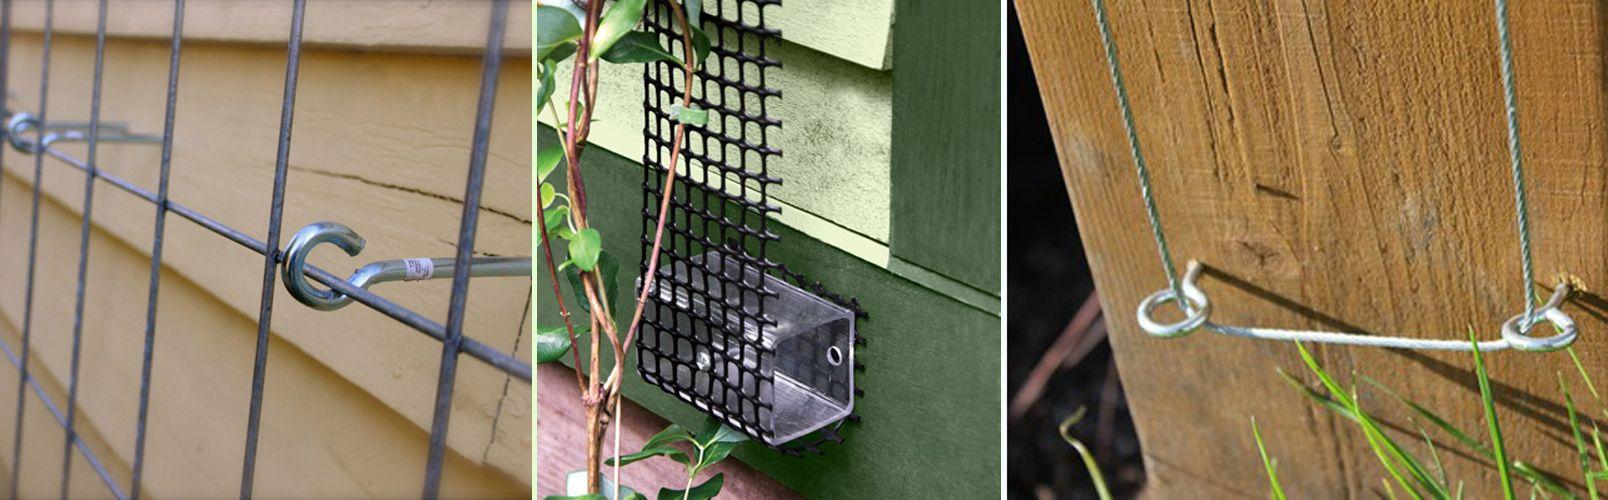 Вьющиеся растения лианы: фото и видео диких лиан. » Дикая граница | 500x1608